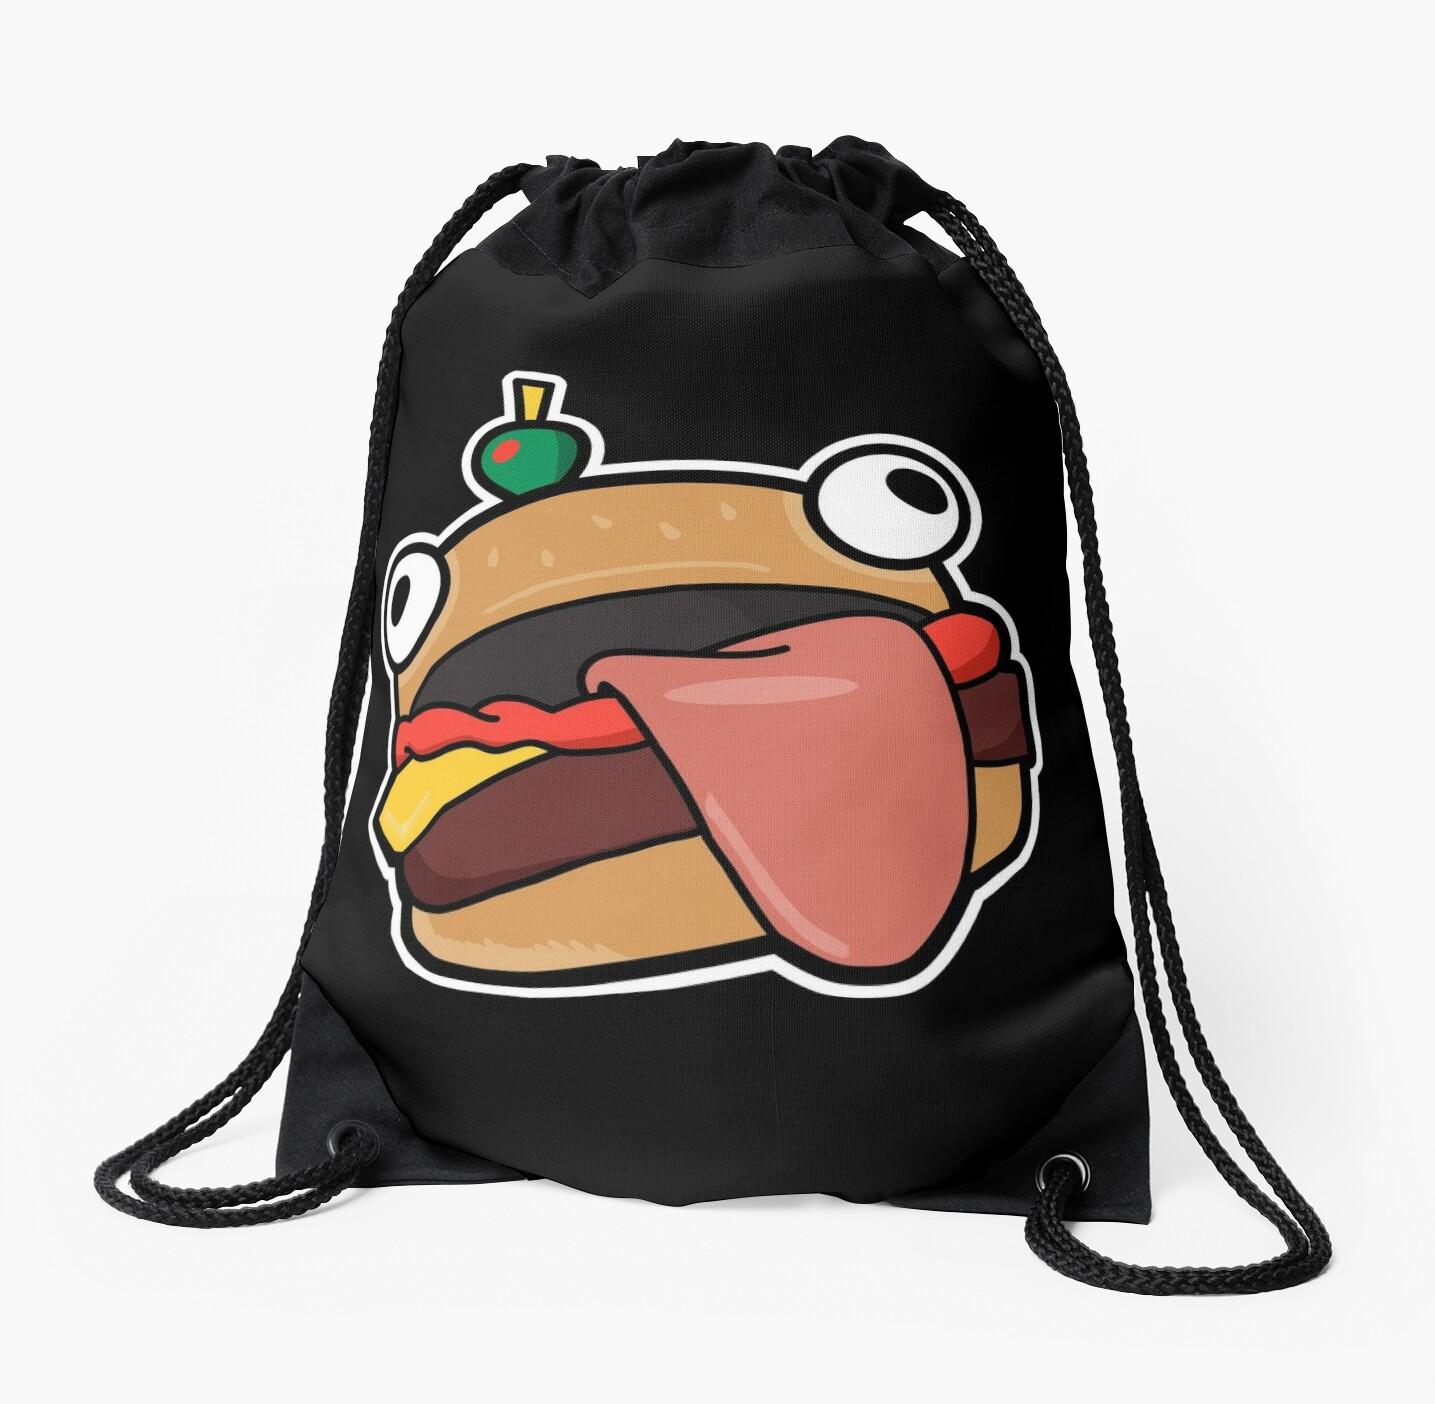 Durr Burger by Fudgemonkey